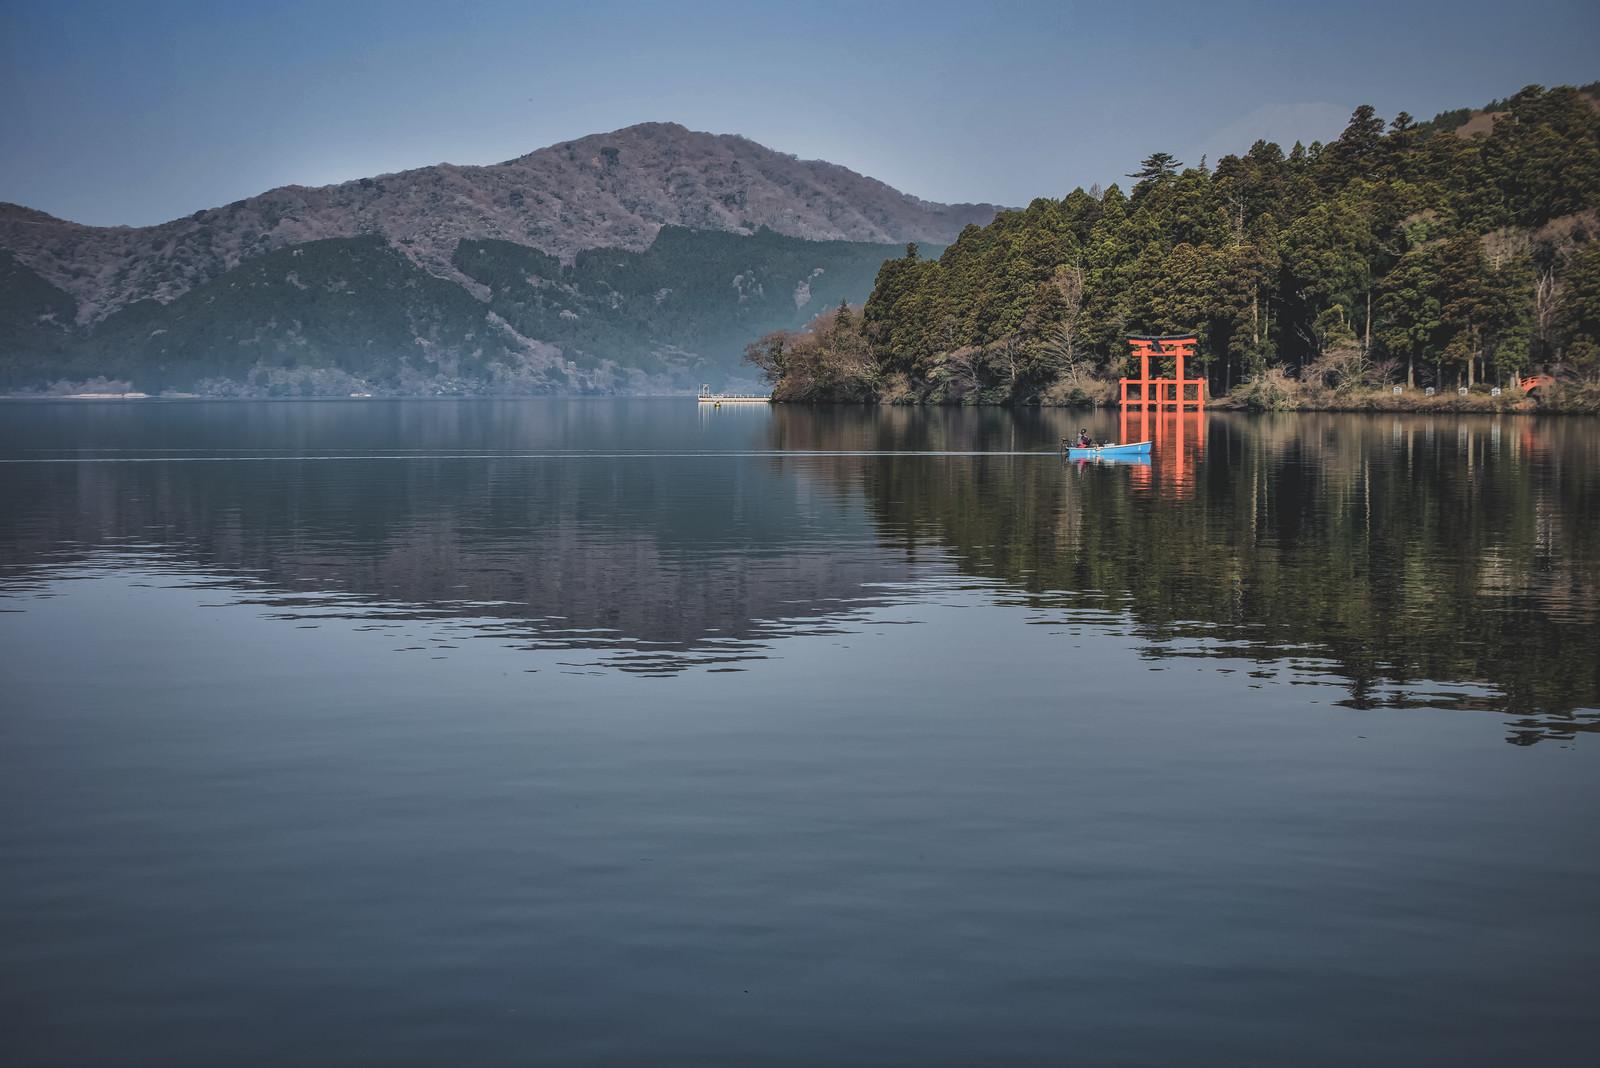 「箱根神社と芦ノ湖の釣り船」の写真